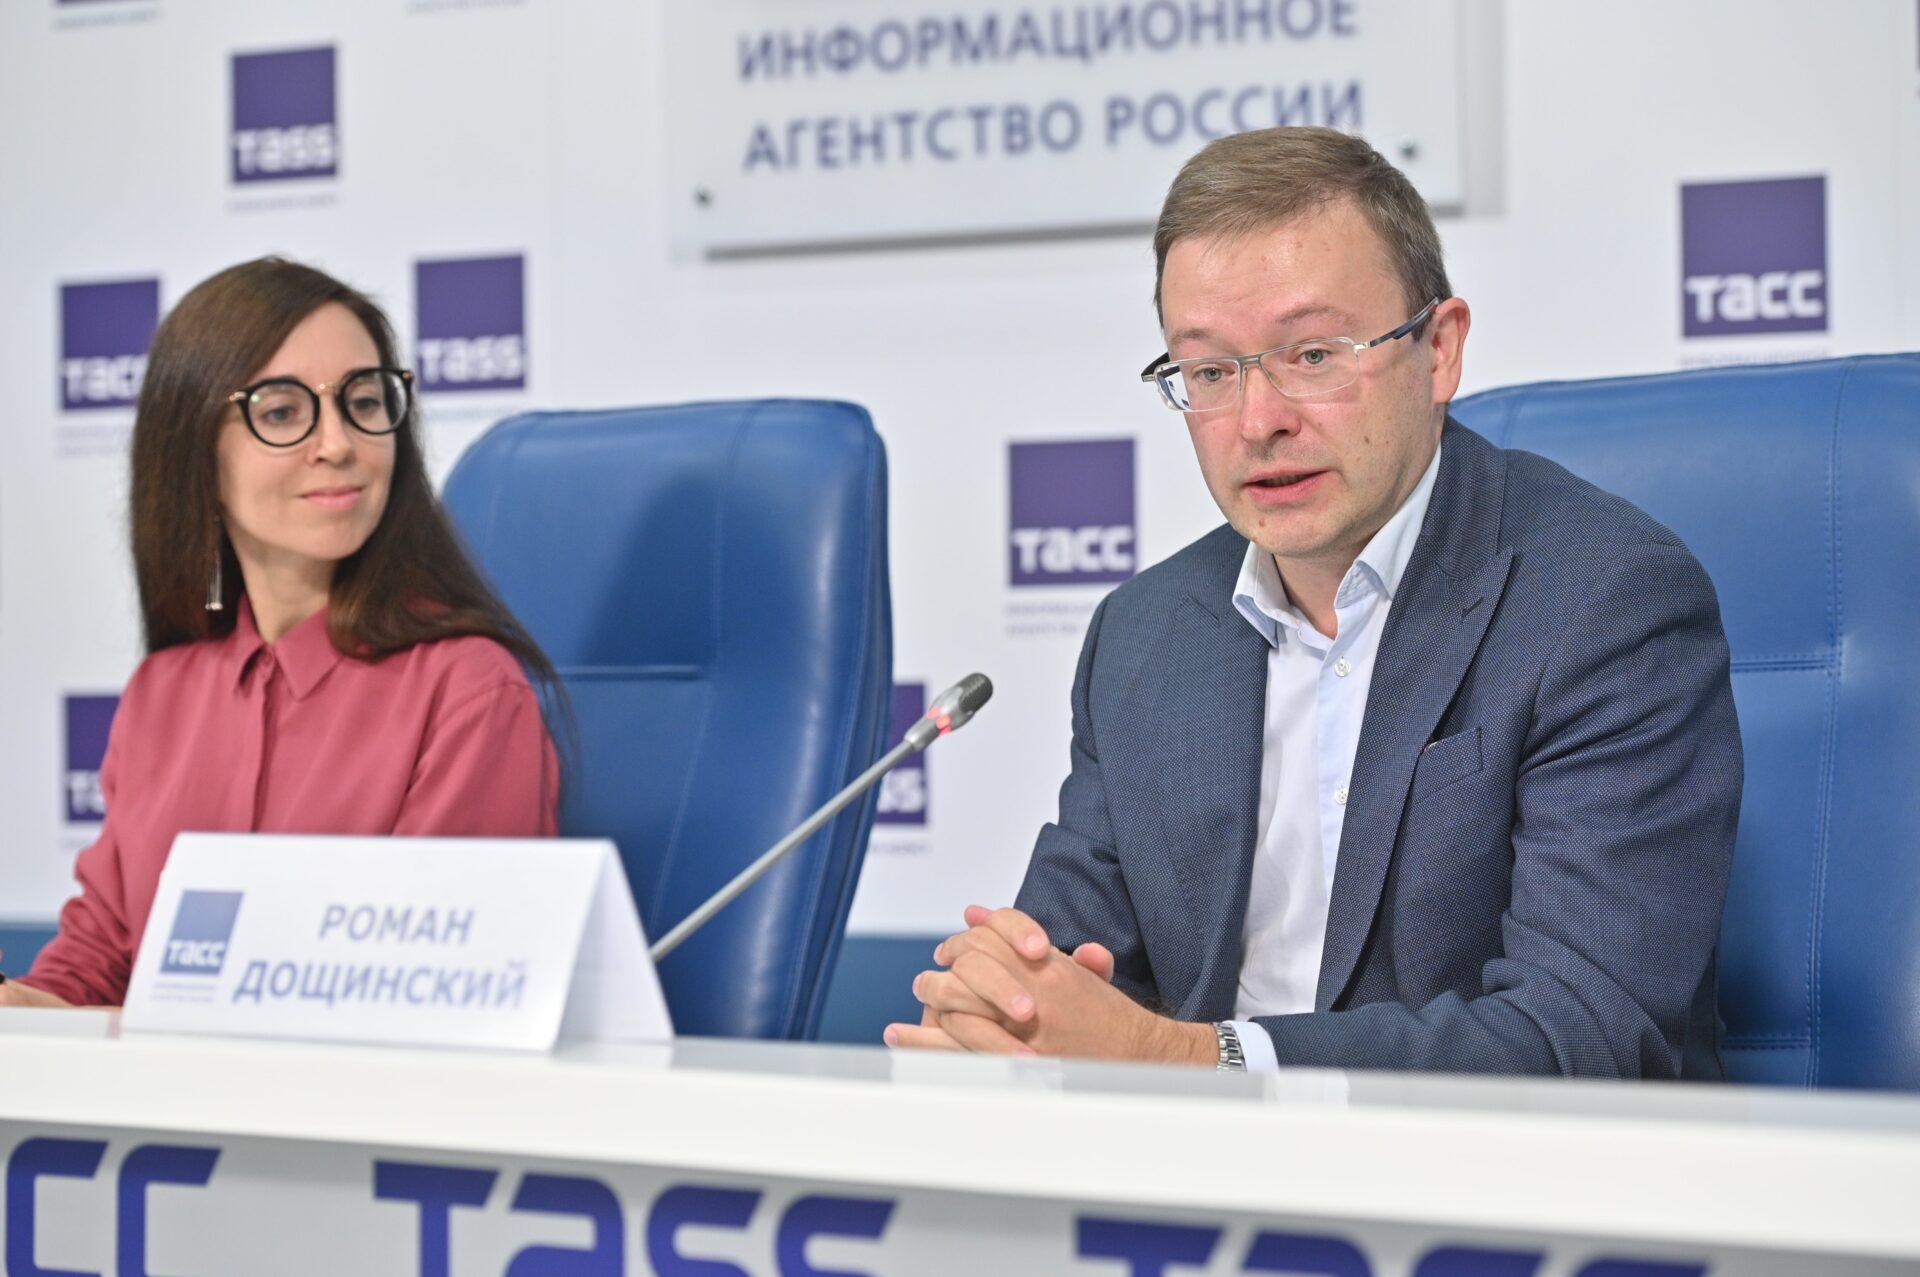 Пресс-конференция по итогам первого этапа конкурса СОТ: Роман Дощинский, председатель региональной предметной комиссии ЕГЭ